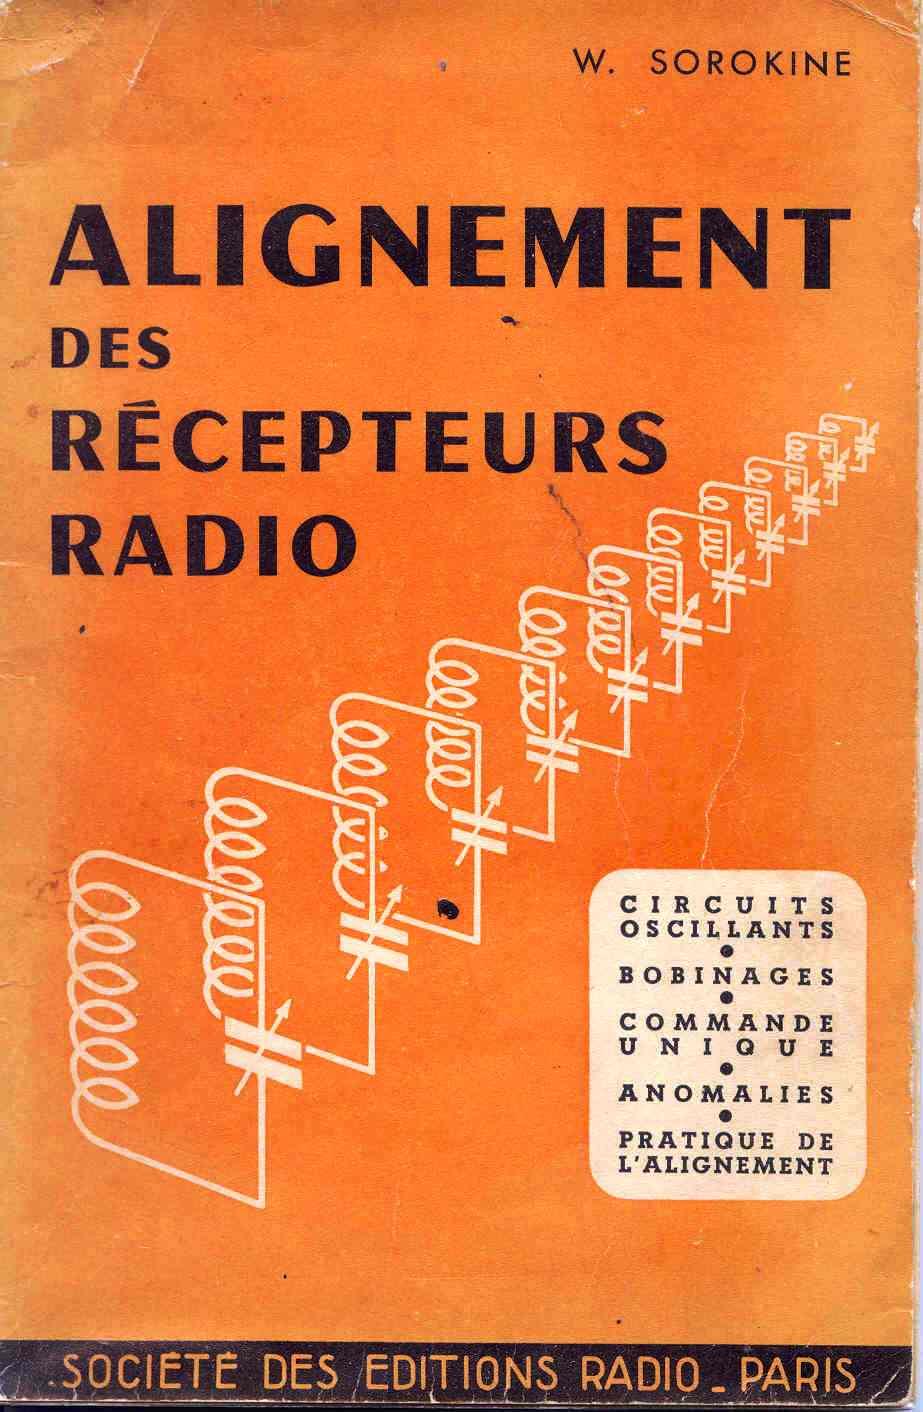 Alignement des récepteurs radio SOROKINE